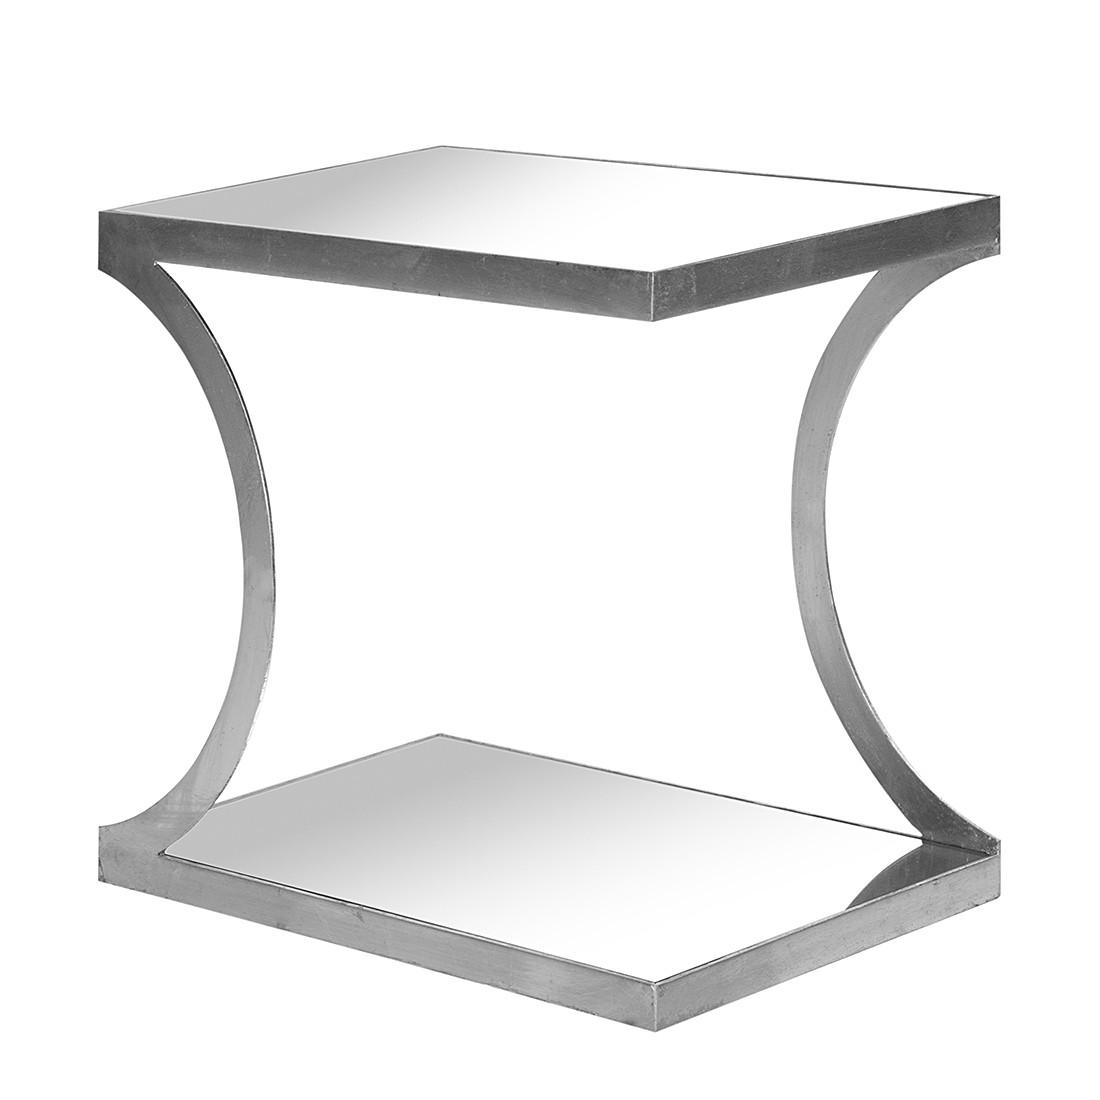 Table d'appoint Sullivan - Argenté, Safavieh